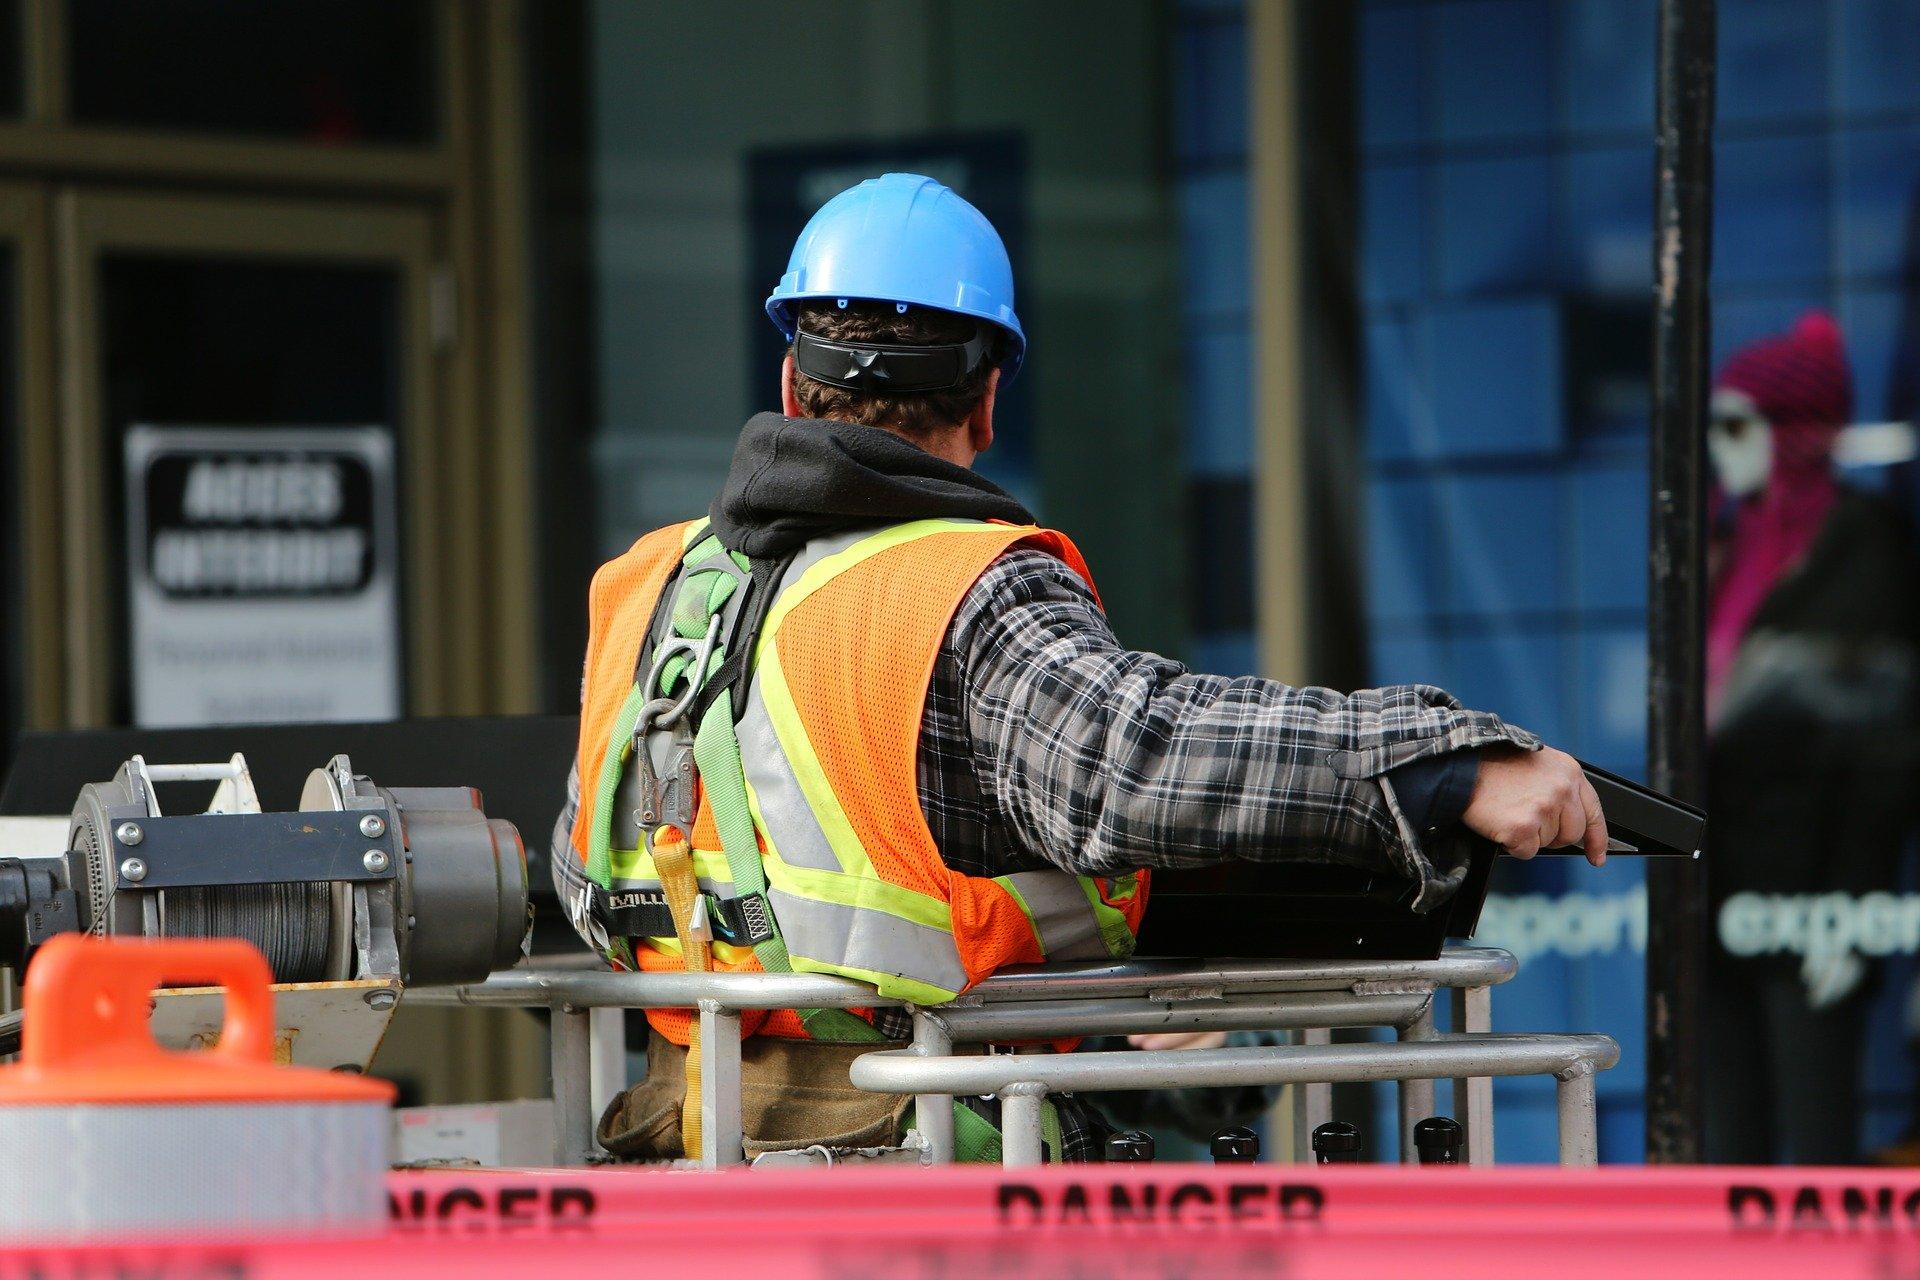 Mindestlohn: Steigerung in Aussicht